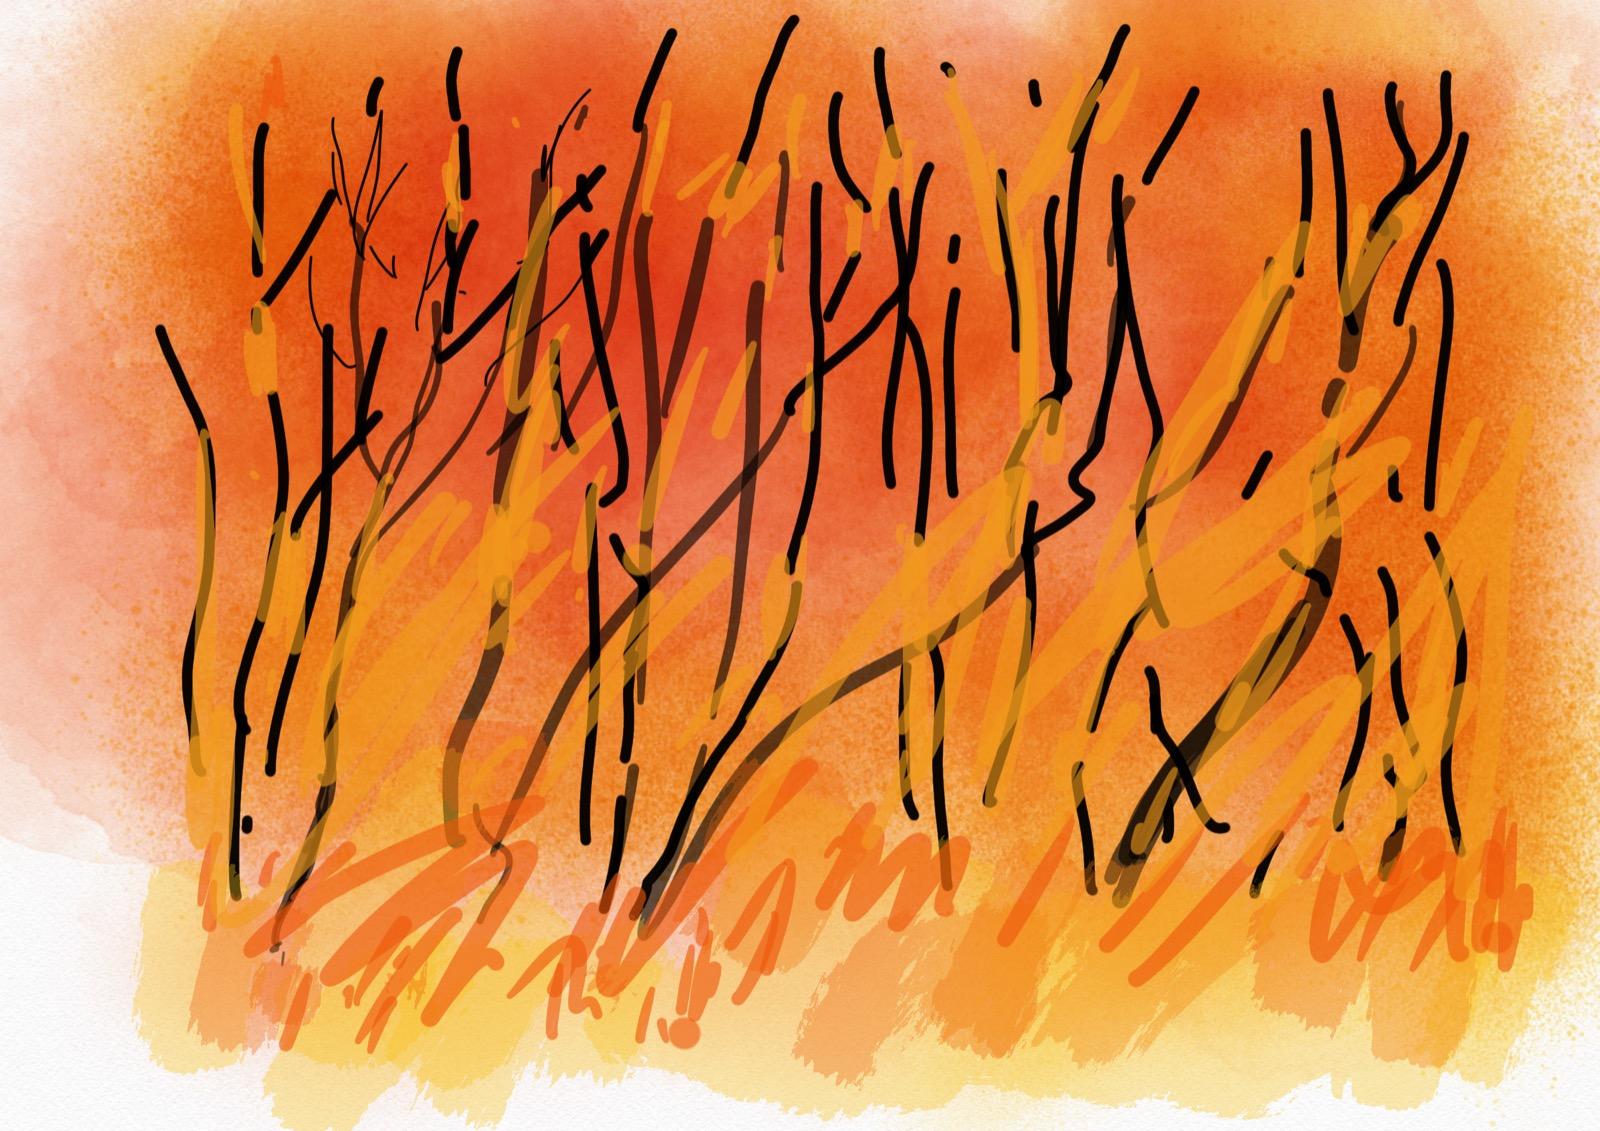 Firestorm 1, iPad digital